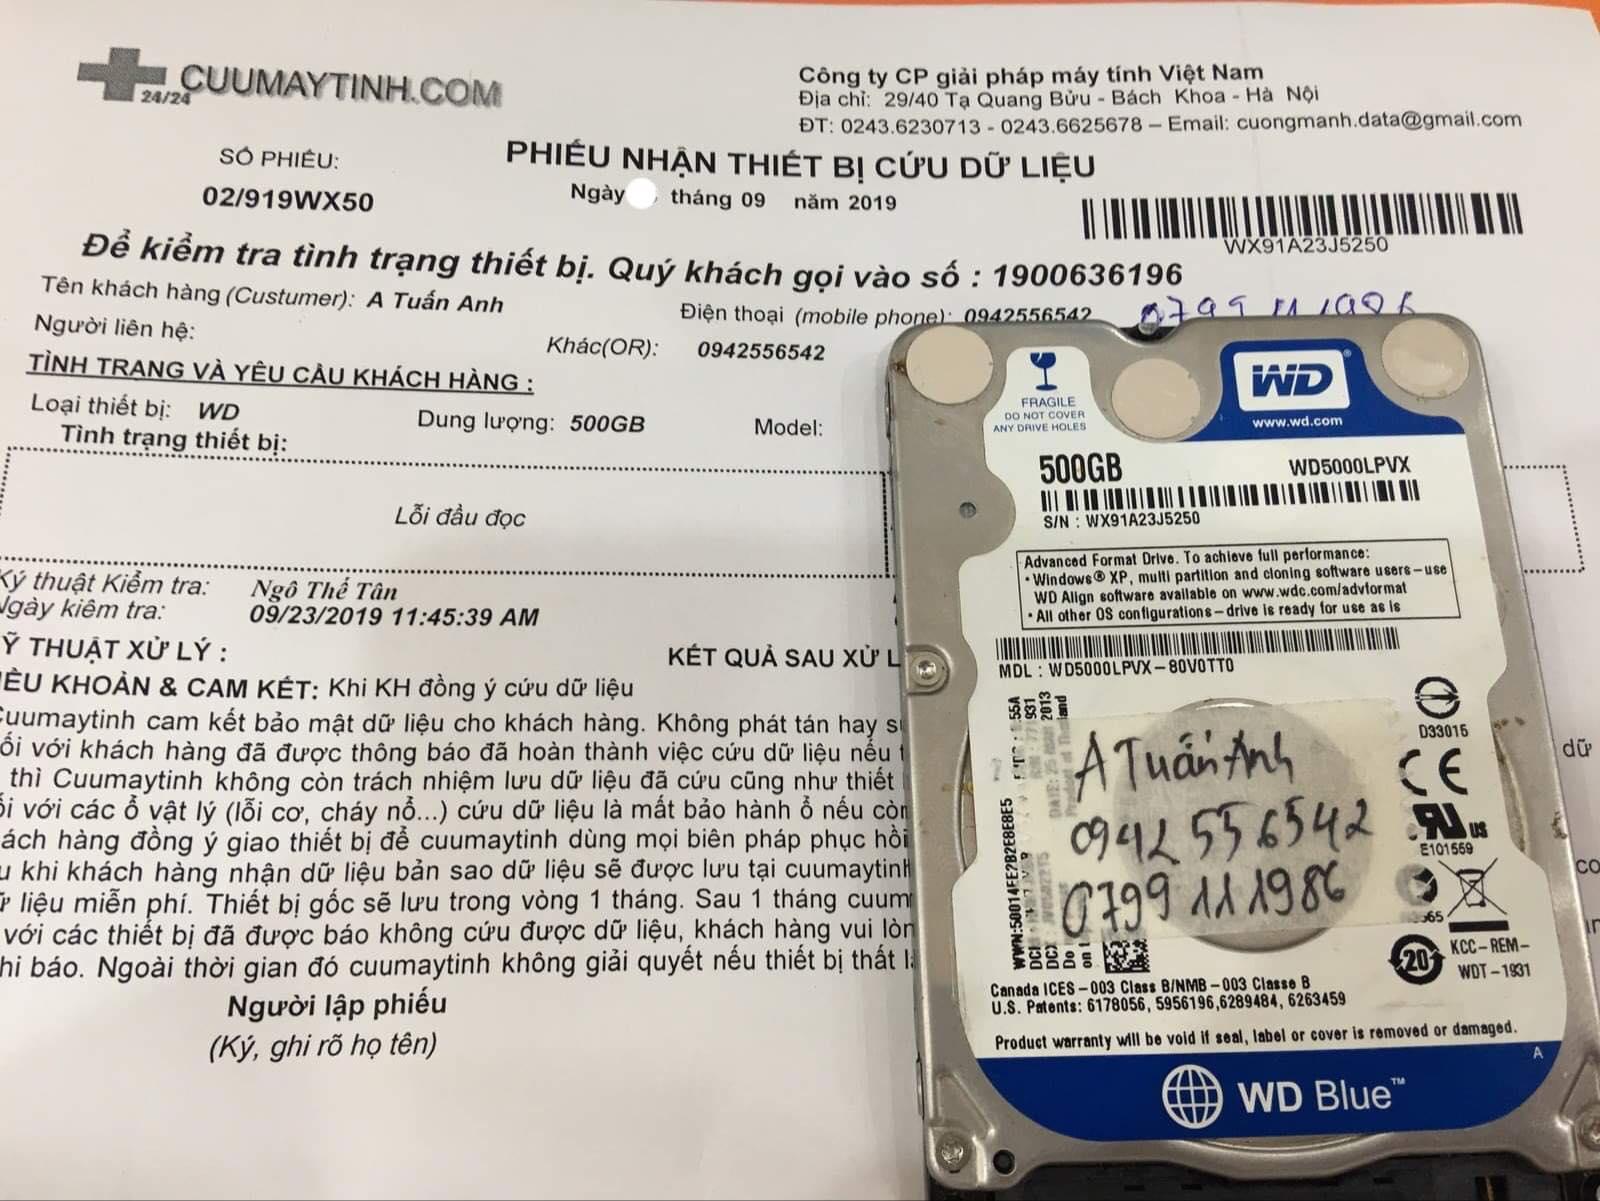 Cứu dữ liệu ổ cứng Western 500GB lỗi đầu đọc 30/09/2019 - cuumaytinh